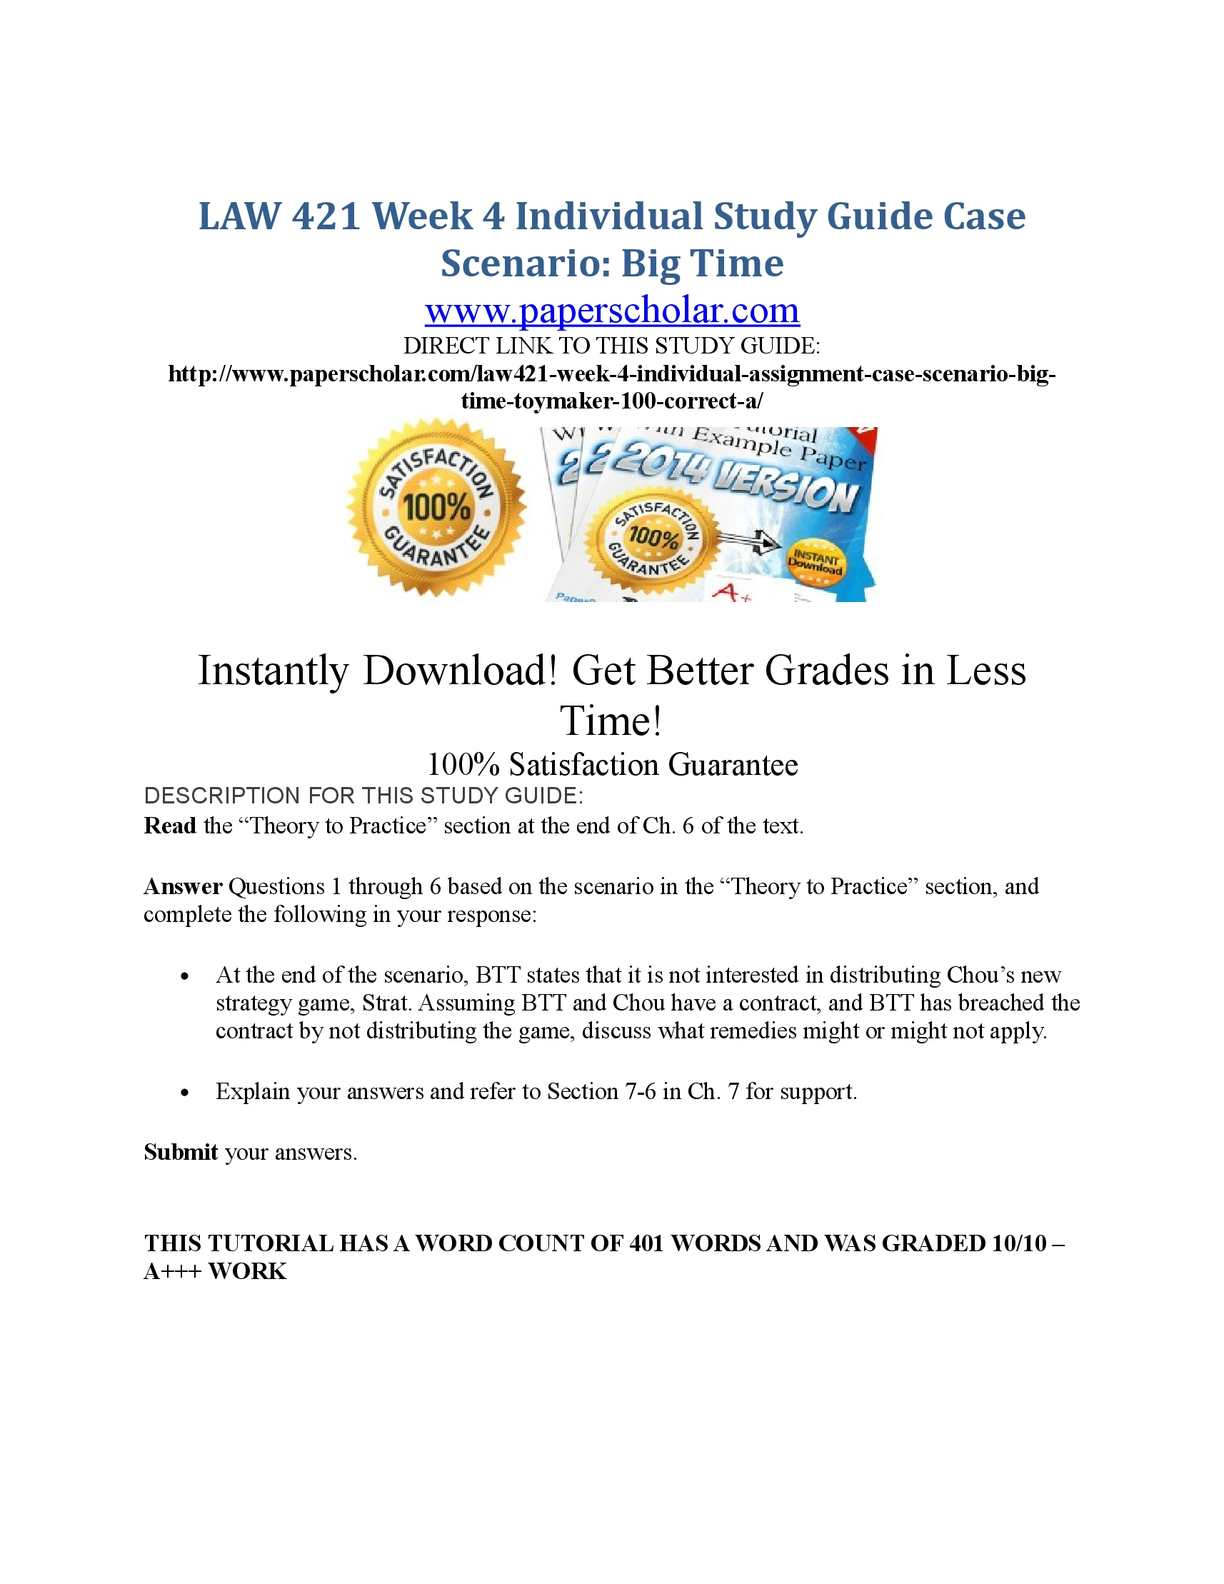 Calaméo - LAW 421 Week 4 Individual Study Guide Case Scenario Big Time